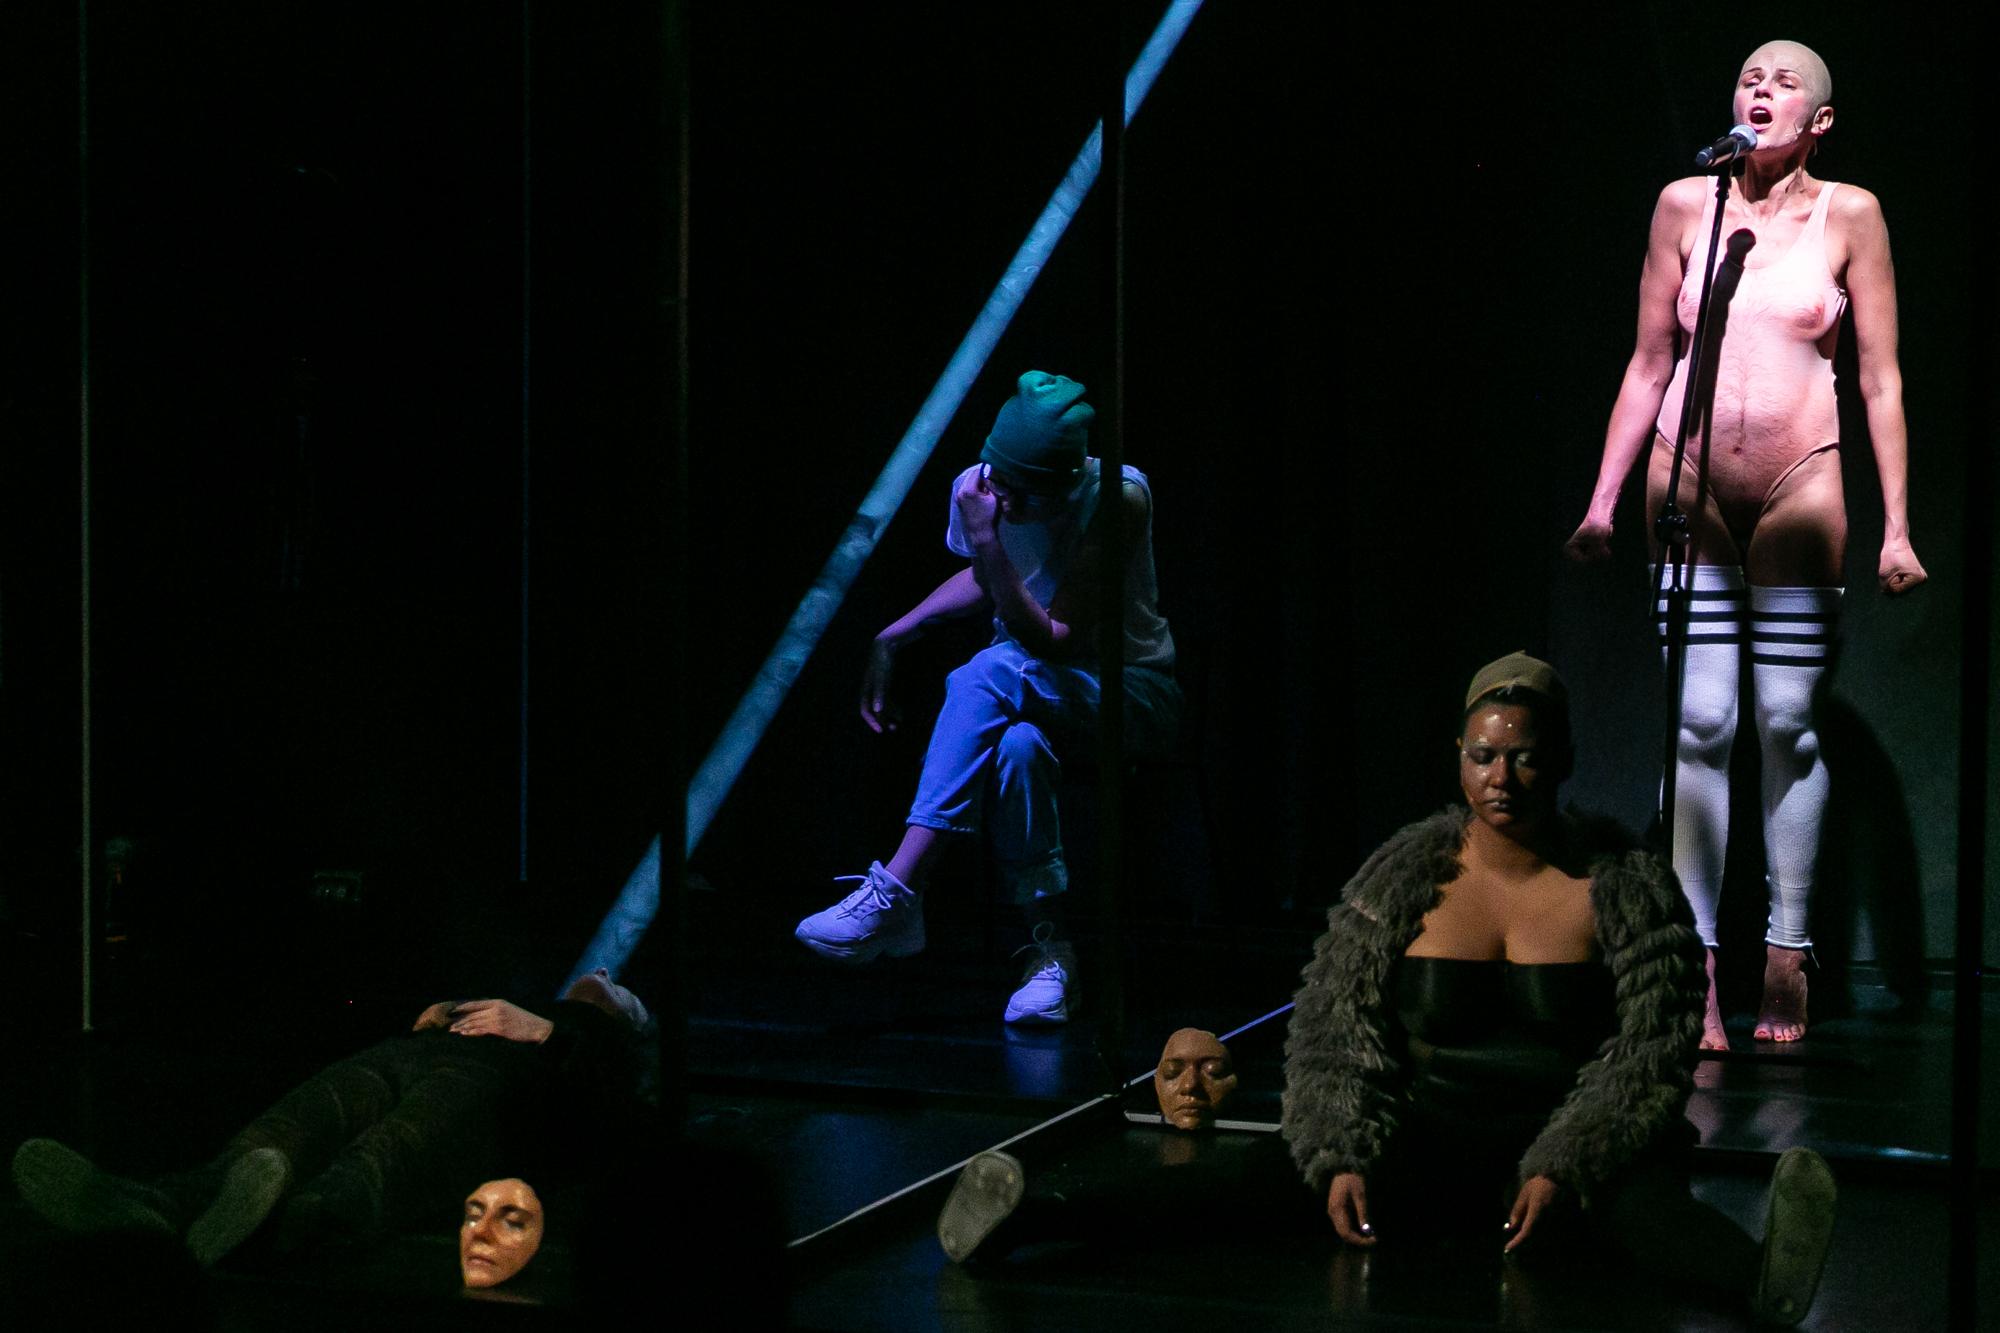 Scenę w ciemnościach przecina ukośny, wąski promień błękitnego światła. Po lewej leży na podłodze ciemno ubrana postać o niewidocznej twarzy, leżą dwie maski przedstawiające twarze drag queens. W centrum siedzi Reżyser, opiera pochylone czoło na lewej ręce, założył nogę na nogę. Po prawej siedzi Przemek Boski (Juro-diva), kobieta drag queen bez makijażu, w futrzanj narzutce na ramionach i siatce na włosach. Za nią stoi Damian Alien (D'alien) - kobieta drag queeen w lateksowym nagim kostiumie i białych getrach do połowy uda,, bez ozdób i charakteryzacji.